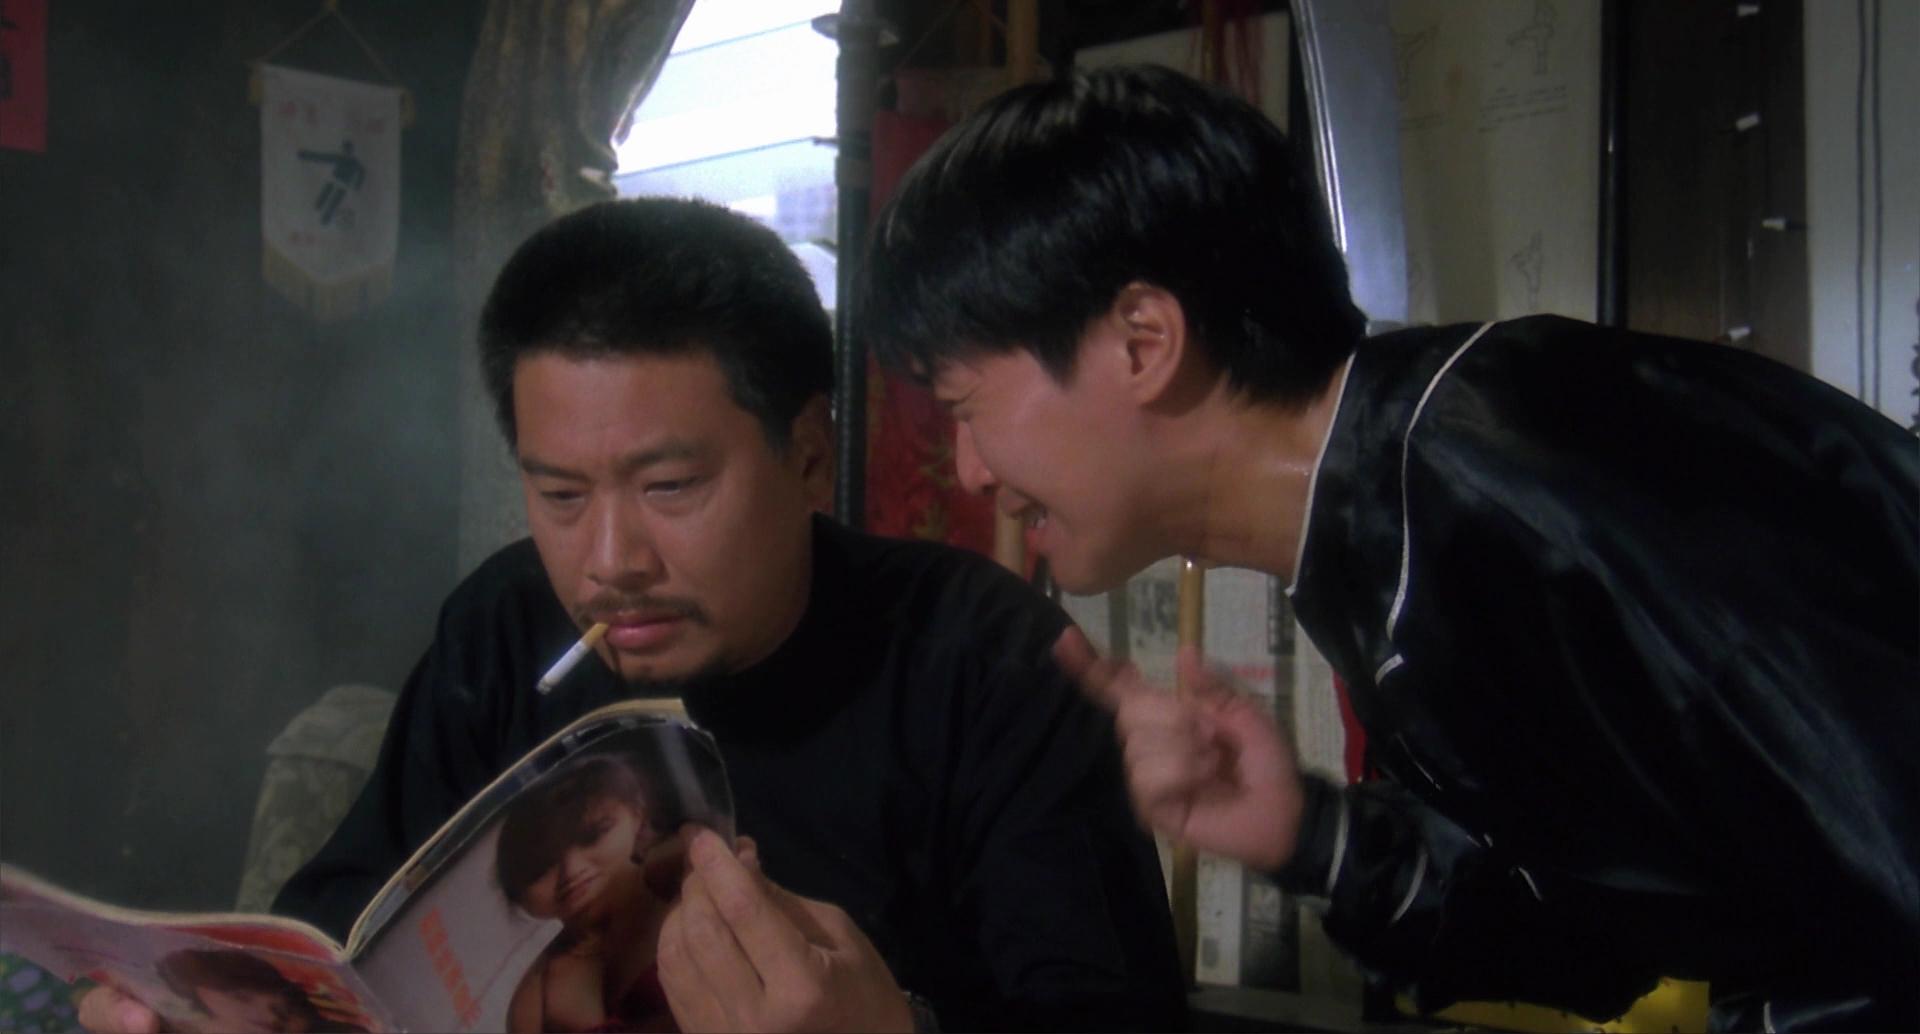 Hài] Love on Delivery 1994 1080p BluRay x264-WiKi~USLT ~ Vua Phá Hoại |  HDVietnam.com